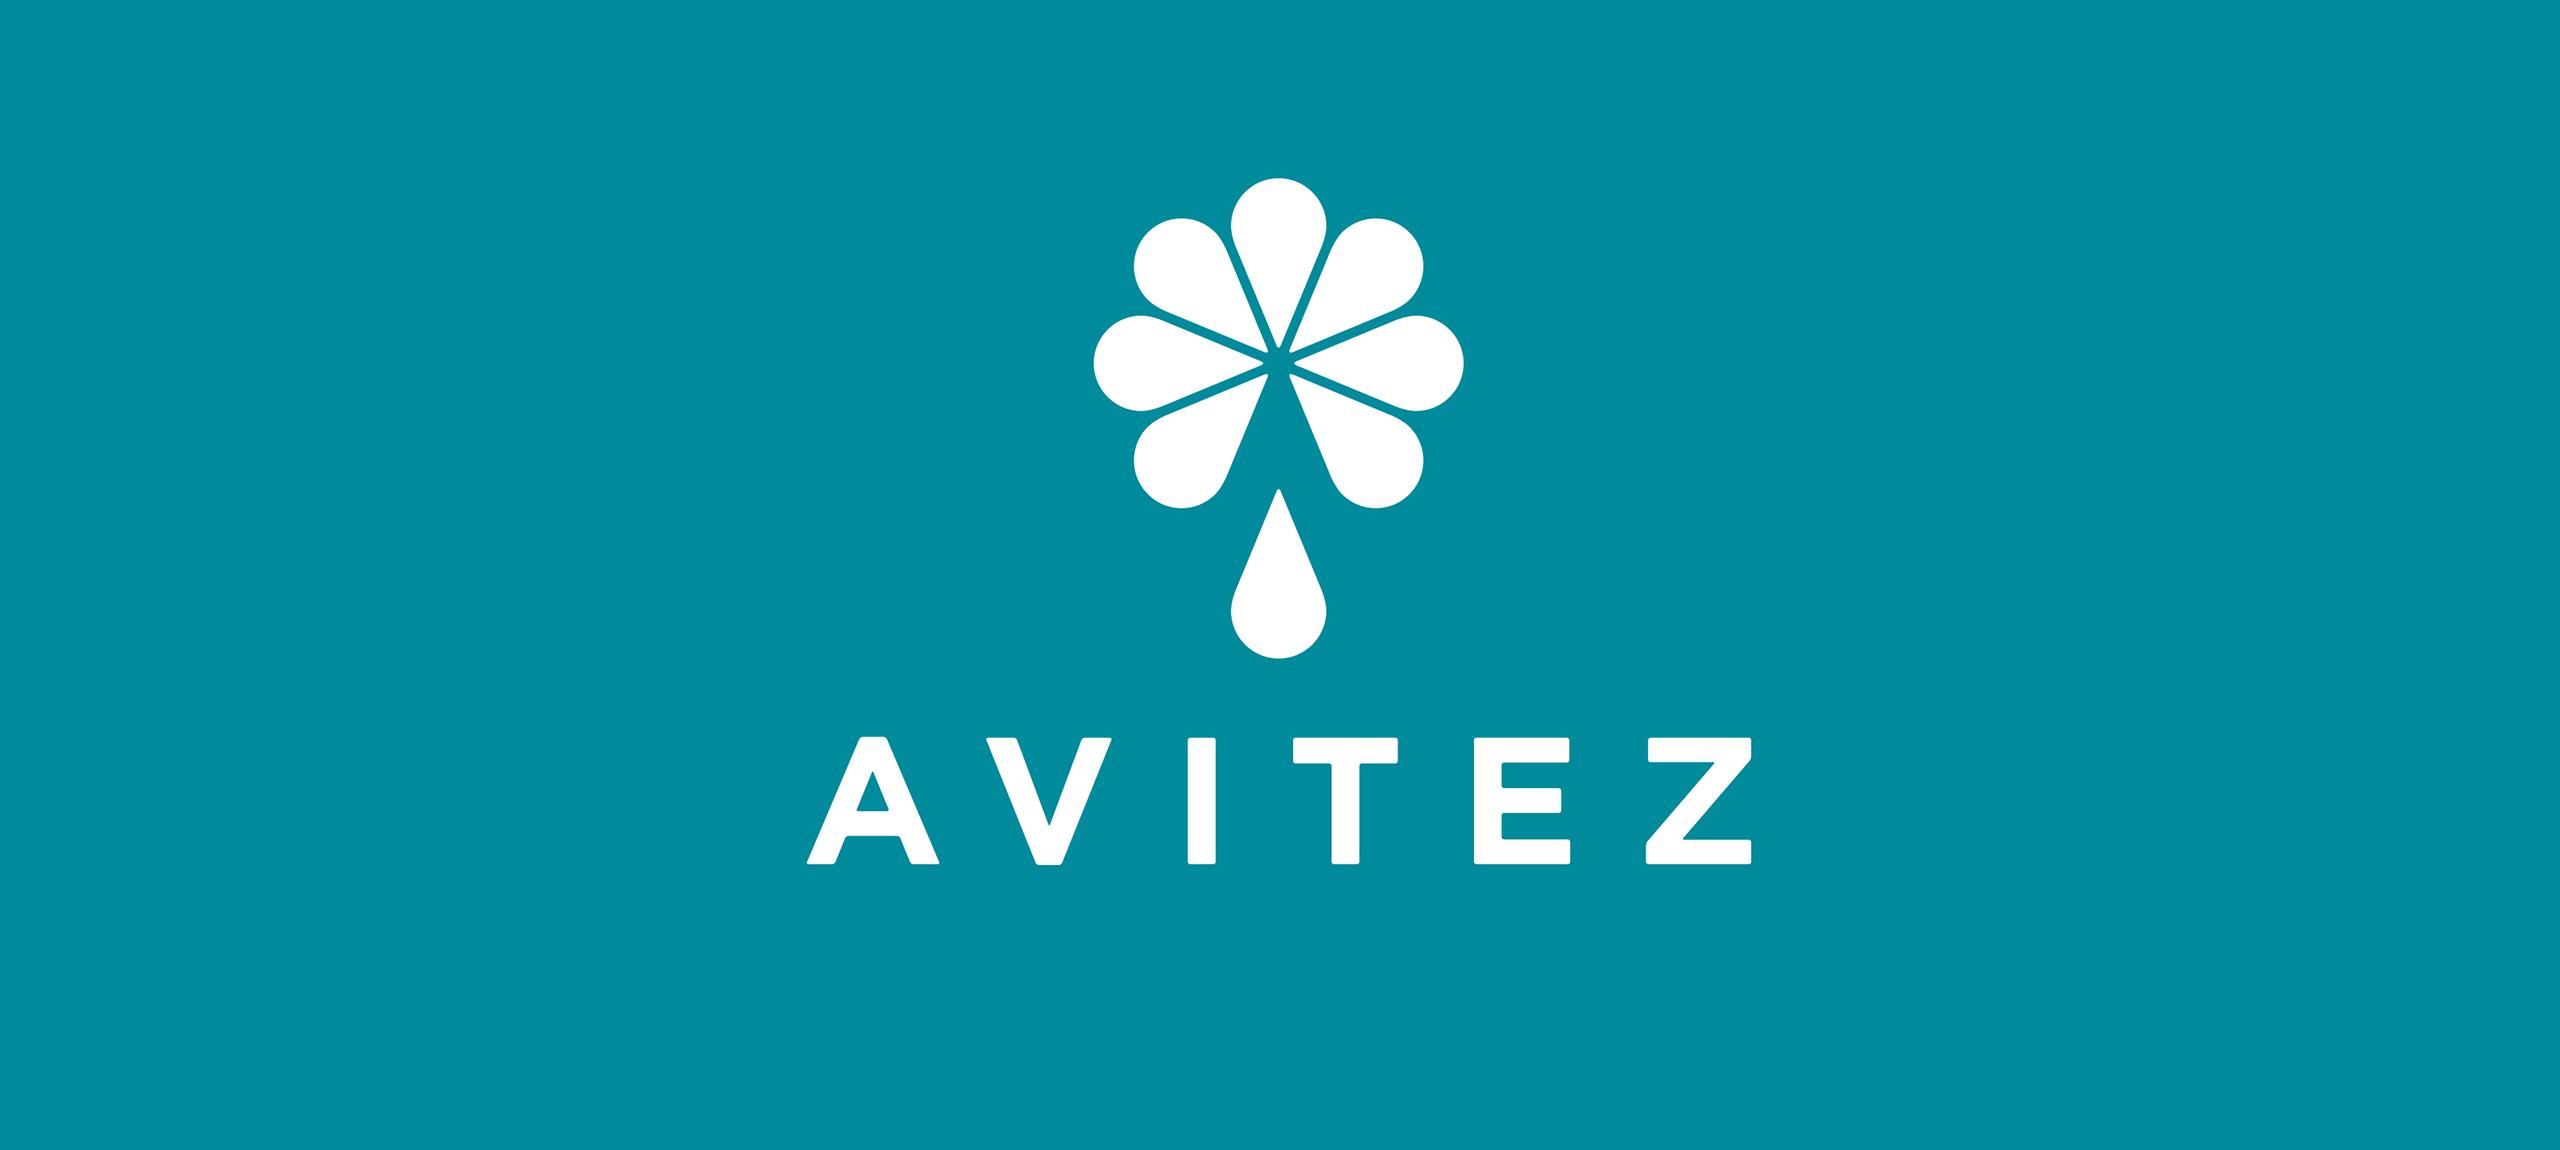 Avitez Water Brand Logo Banner